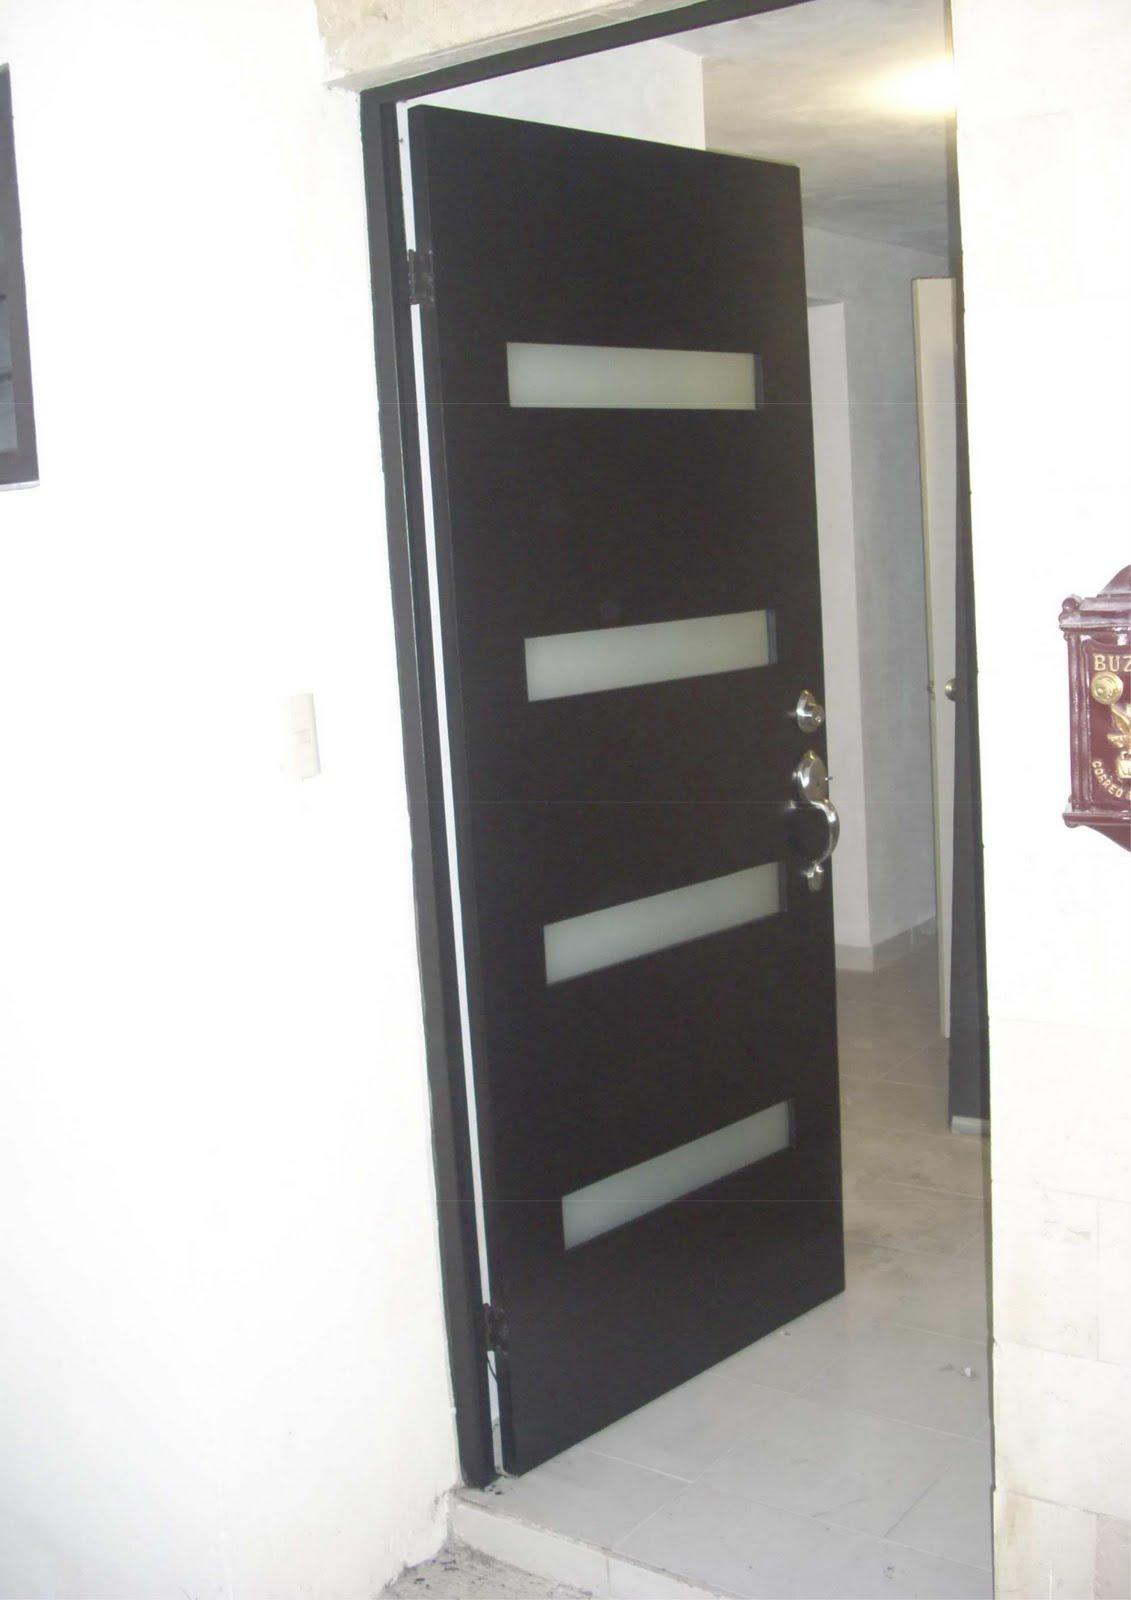 Fotos puertas principales com portal pelautscom picture for Puertas principales de cristal